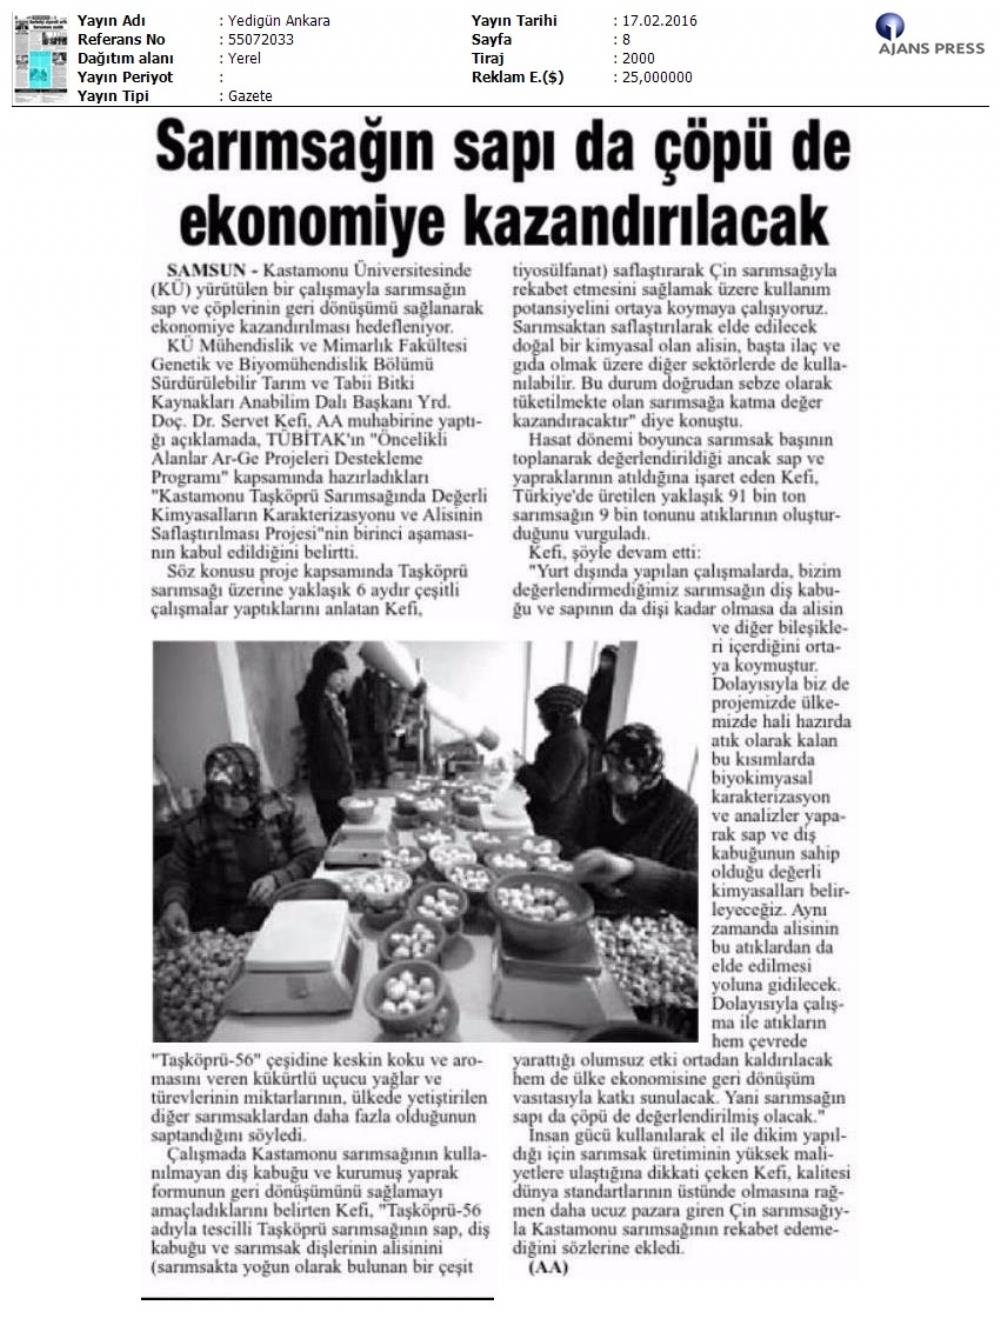 Yedi Gün Gazetesi